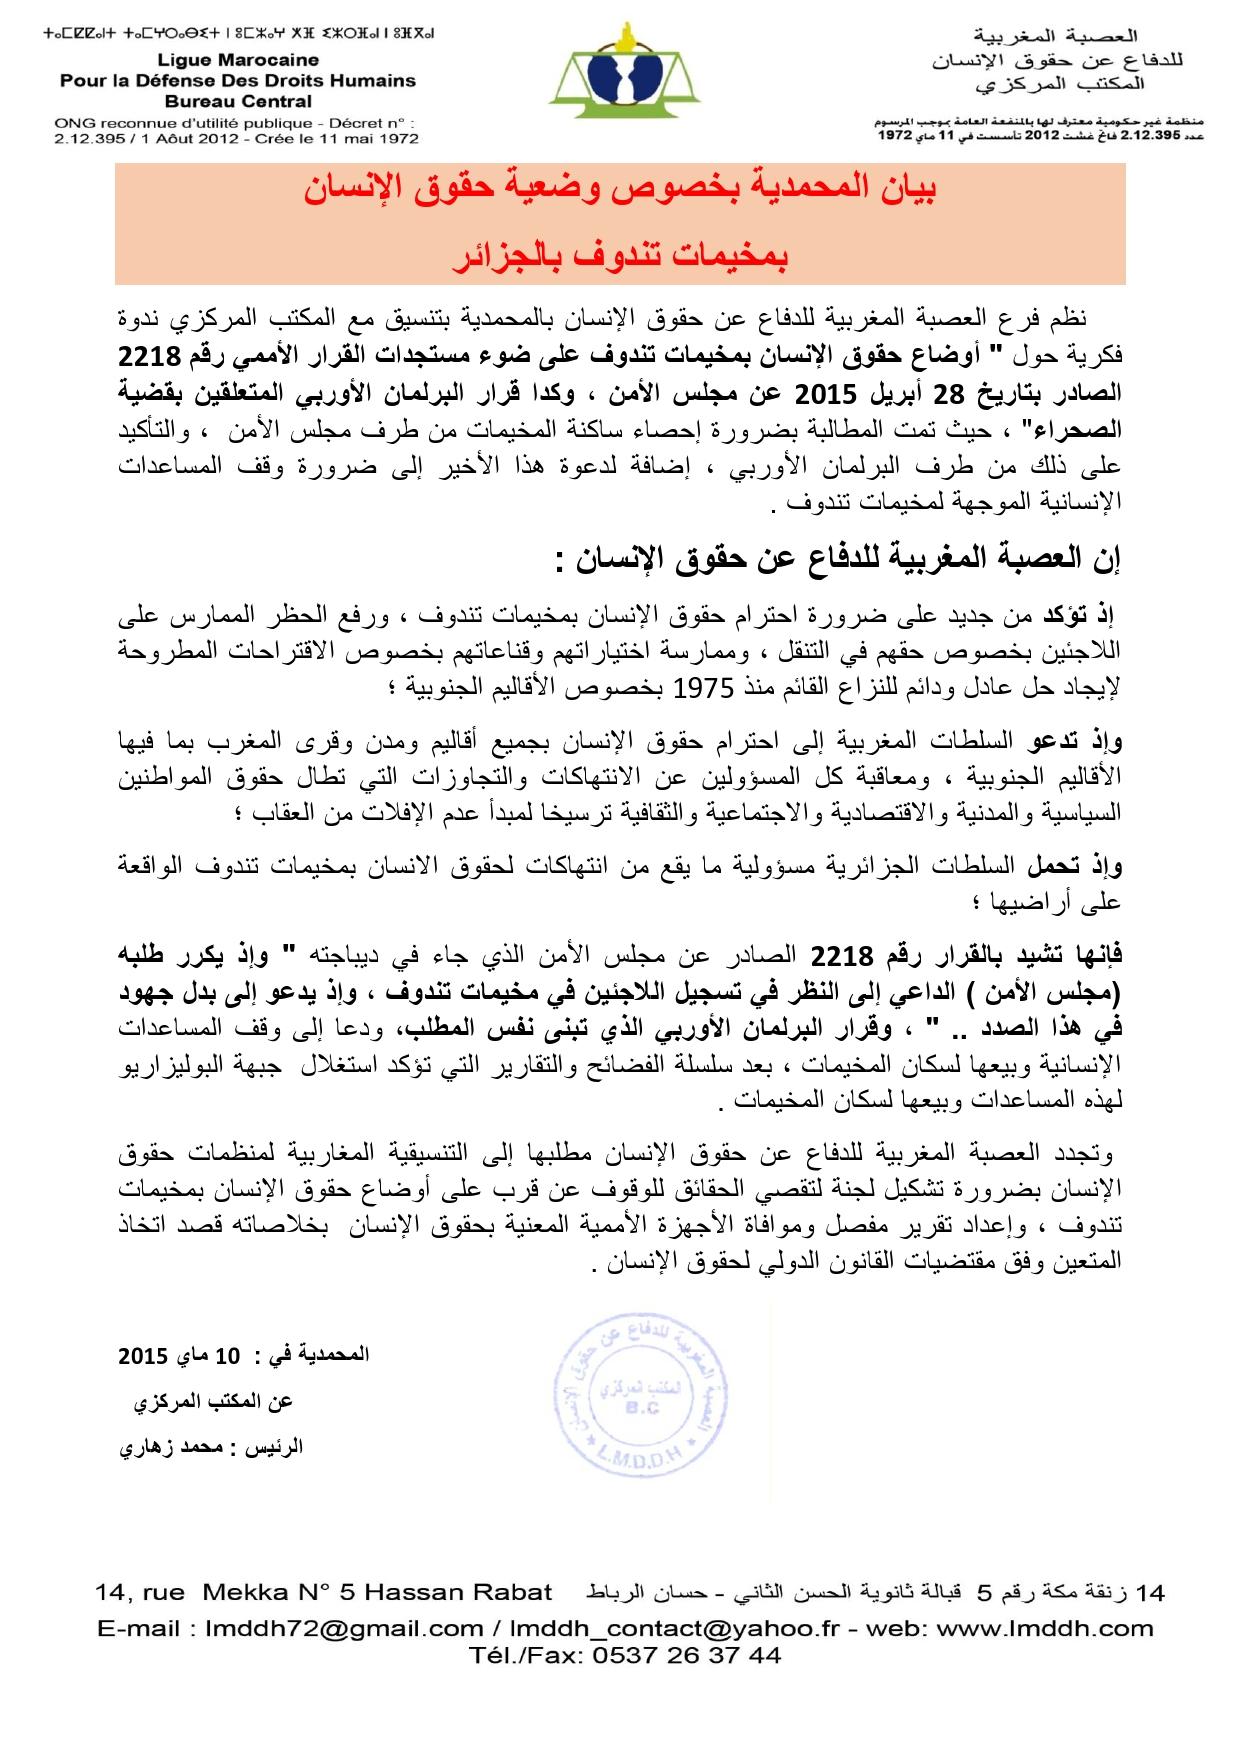 بيان المحمدية بخصوص وضعية حقوق الإنسان  بمخيمات تندوف بالجزائر